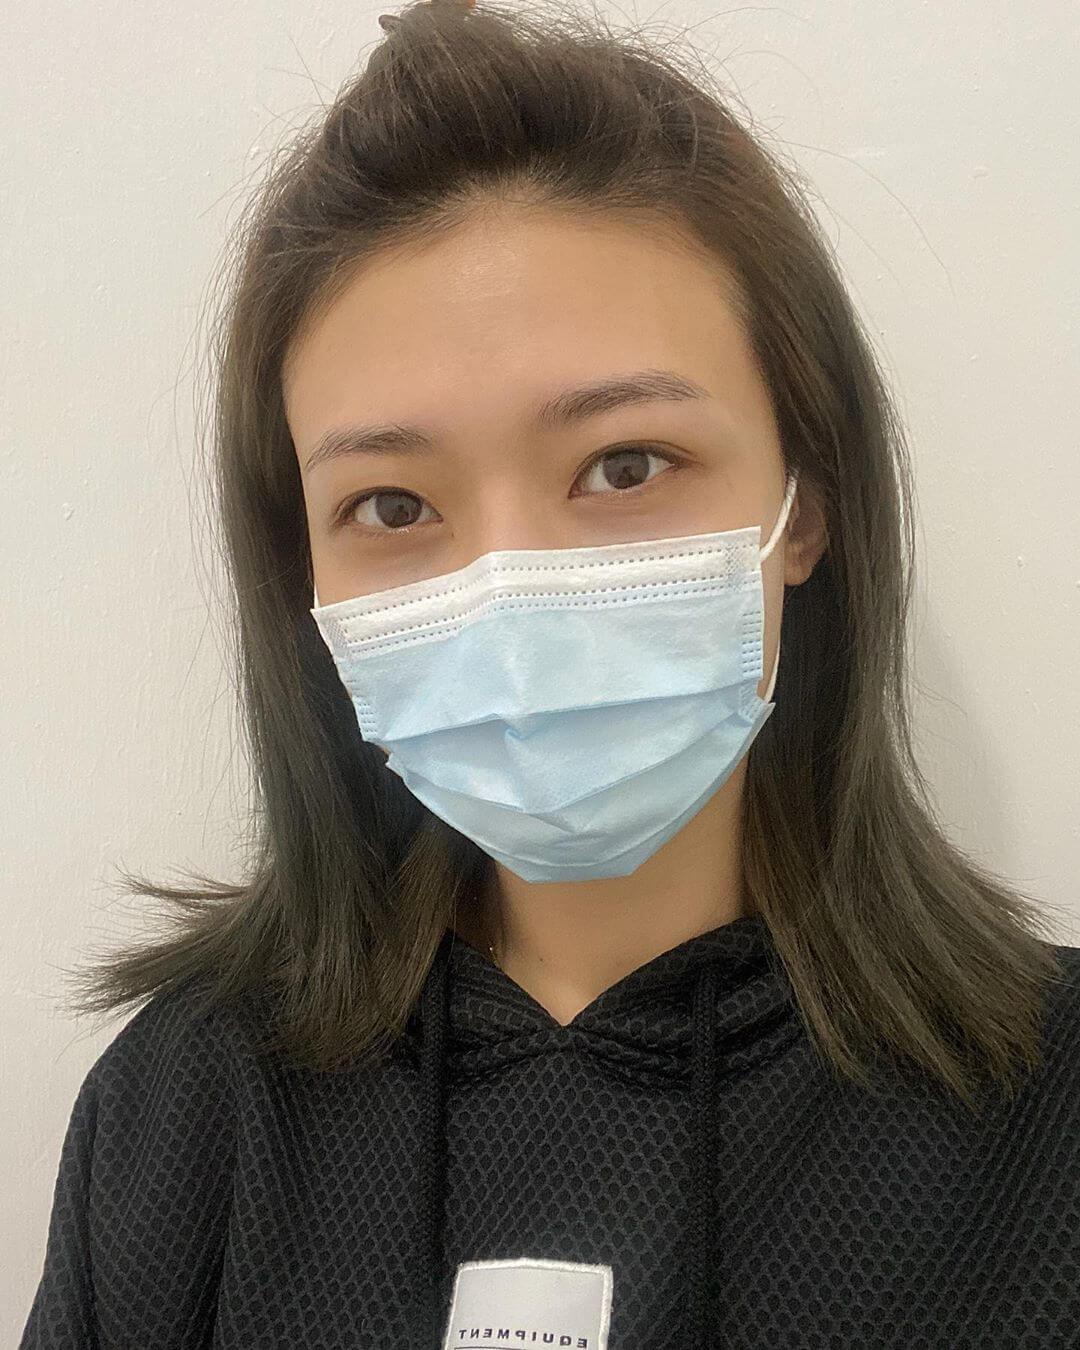 李君妍已入住隔離營,又已做過深喉唾液化驗,測試結果為陰性。